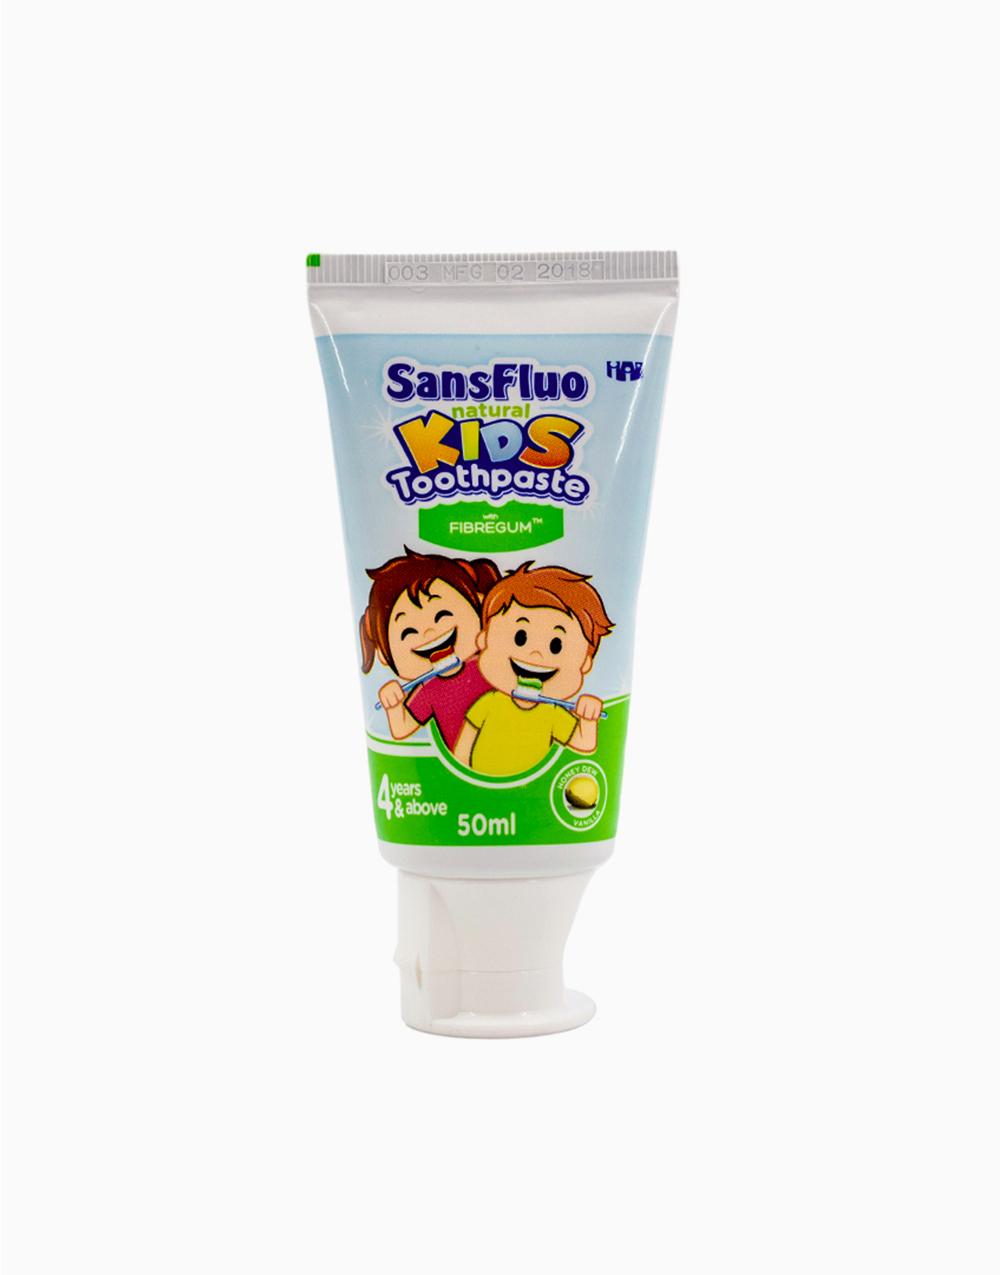 SansFluo Natural Kids Toothpaste (50ml) by Sansfluo | Honey Dew Vanilla